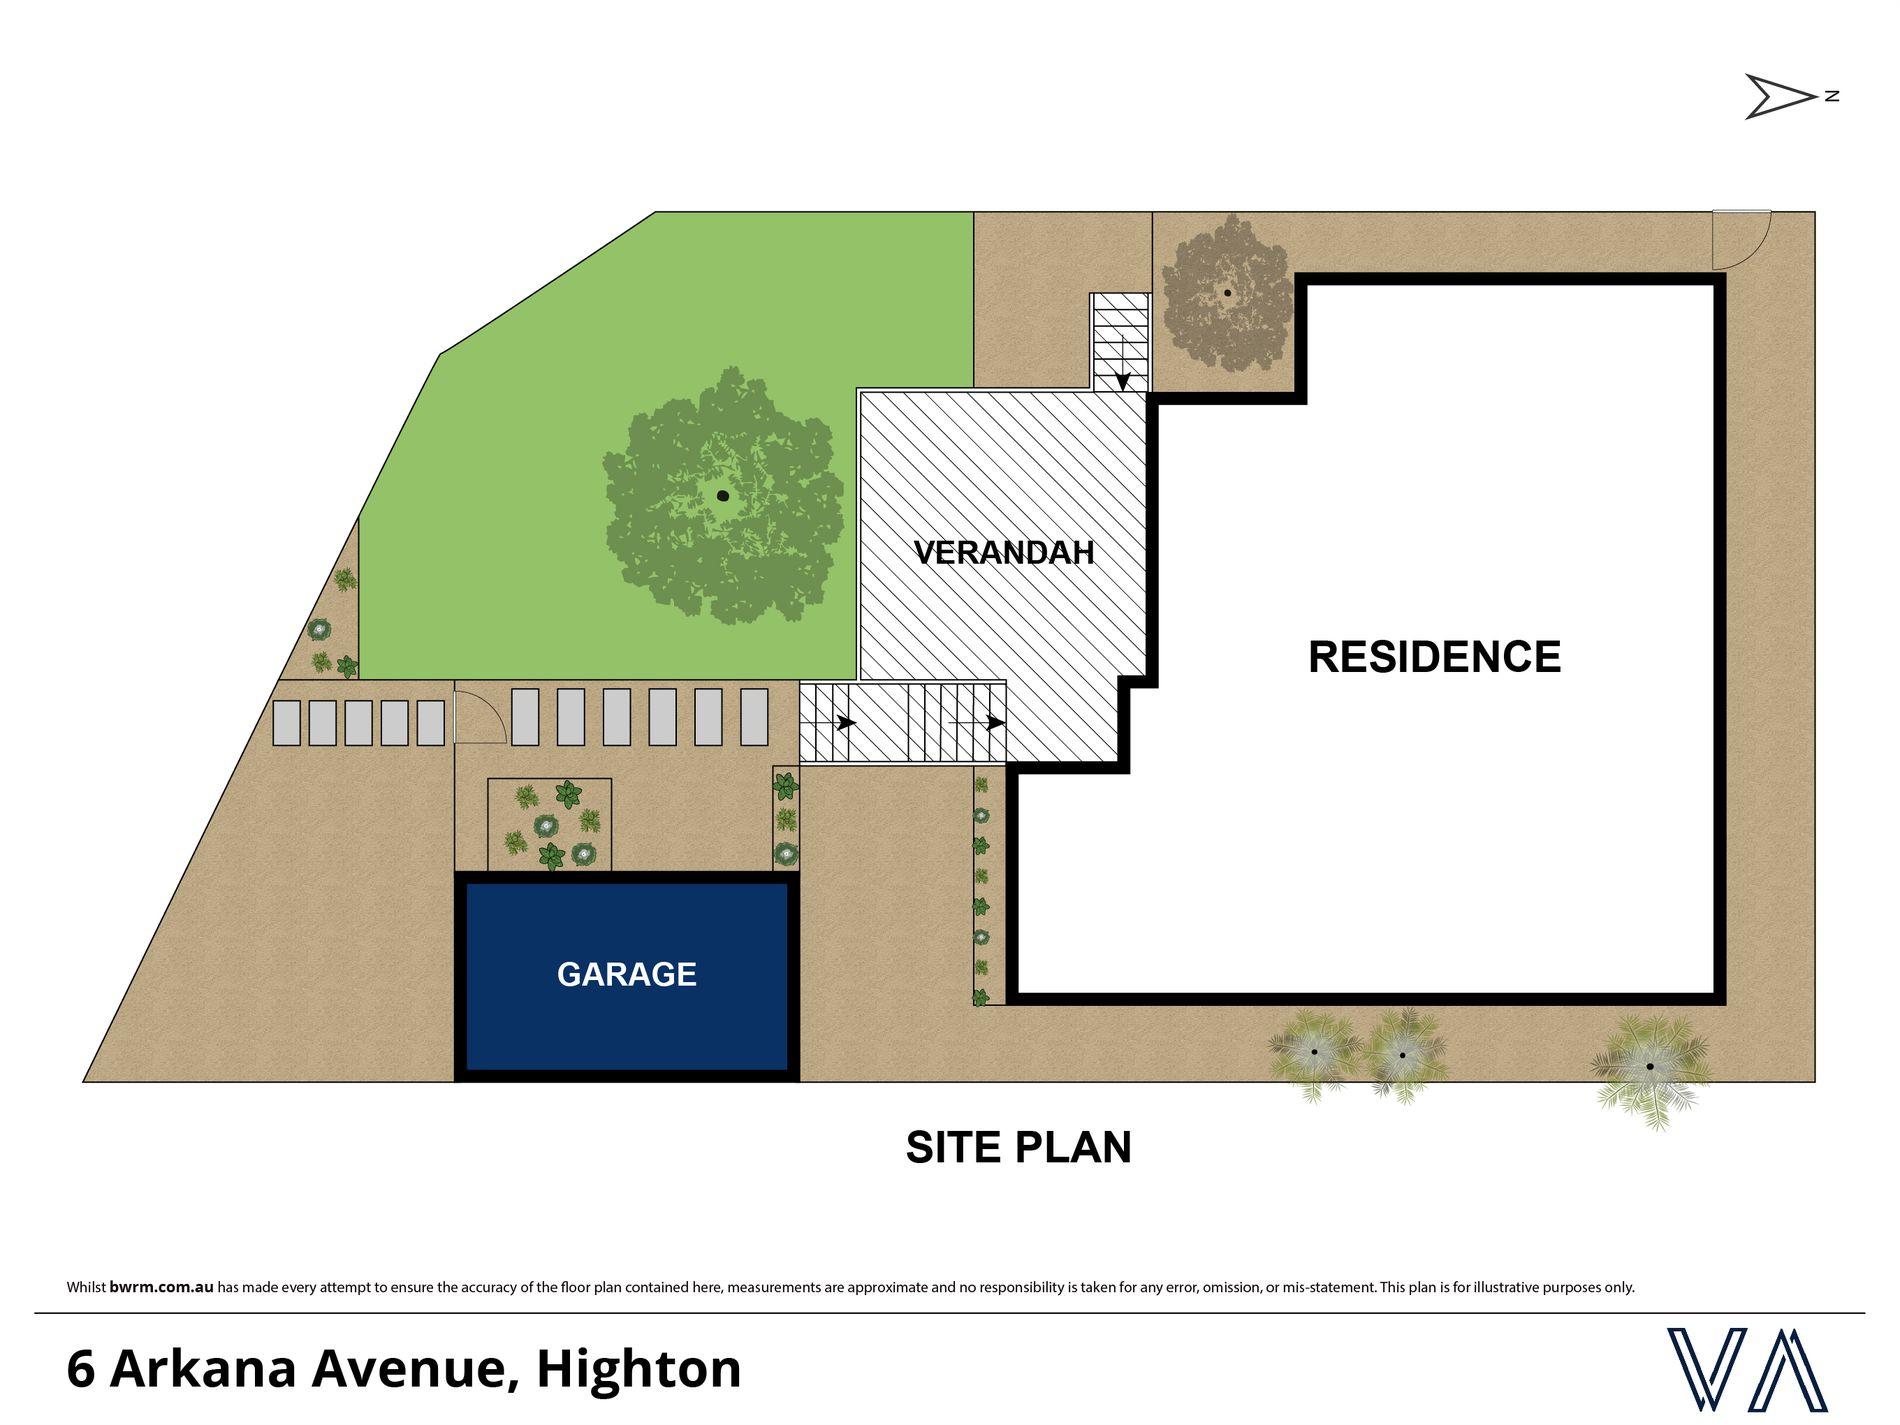 6 Arkana Avenue, Highton